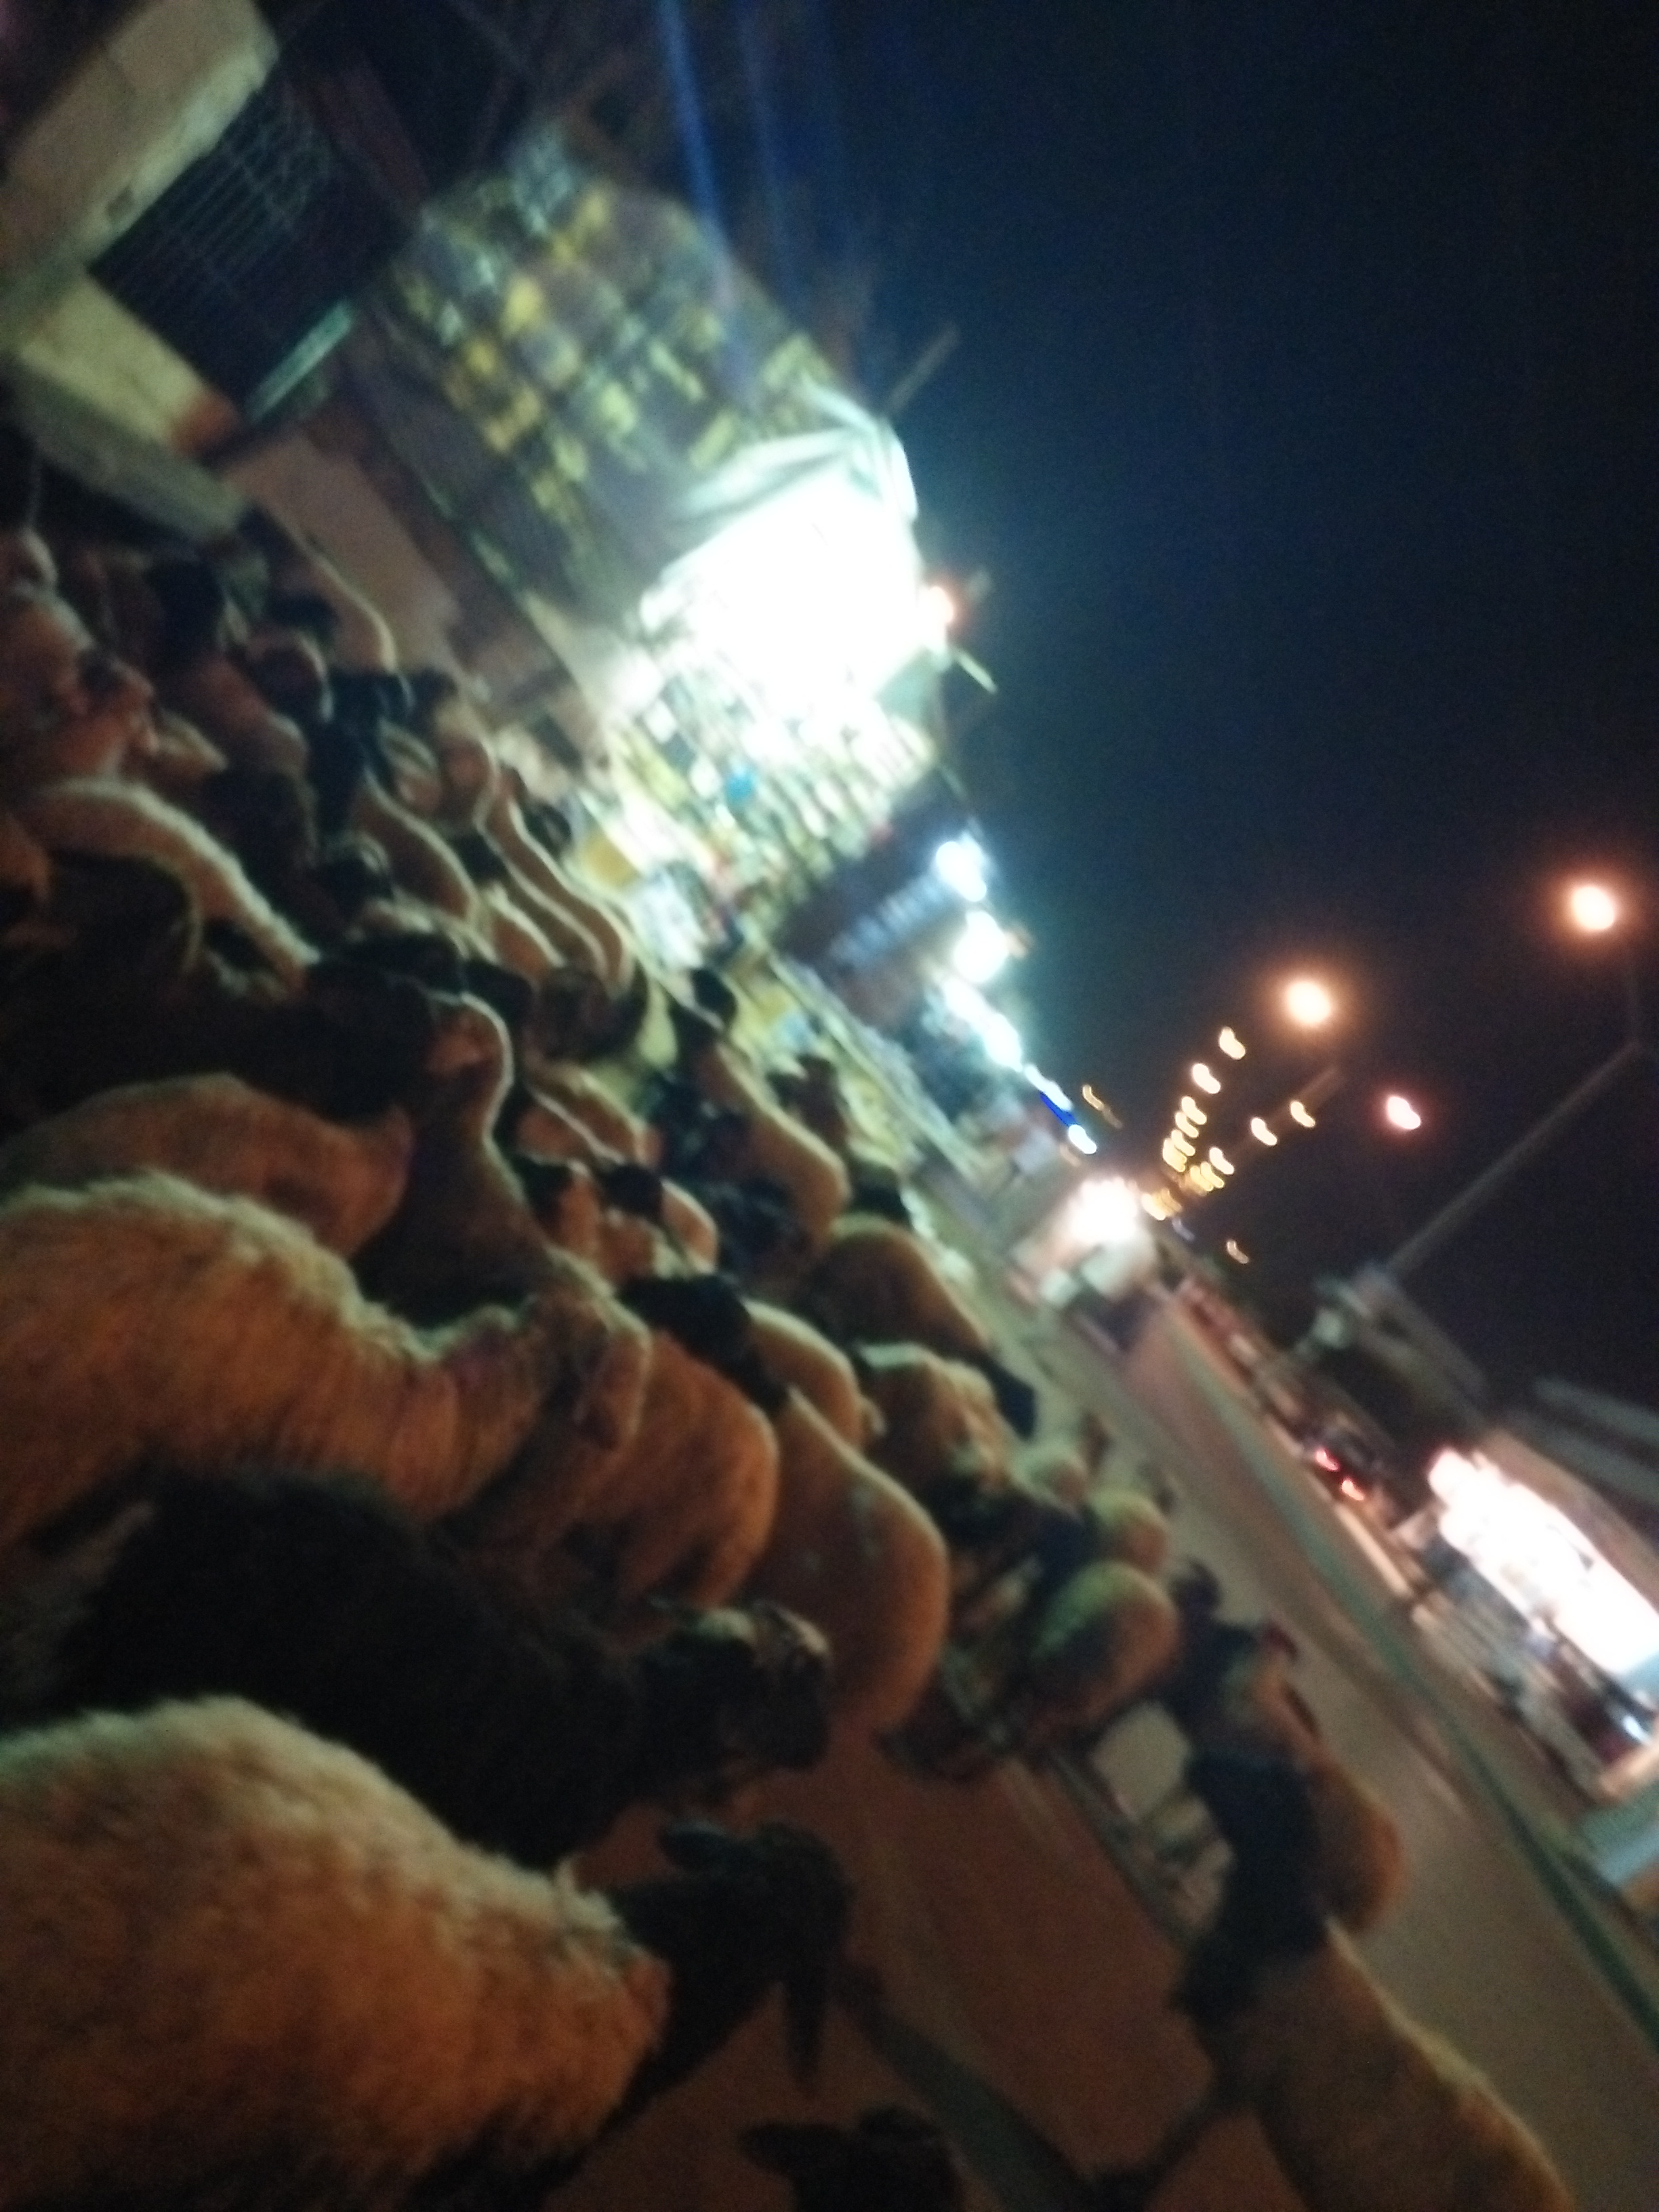 تعدد صور الاهمال فى شوارع اكتوبر  (2)